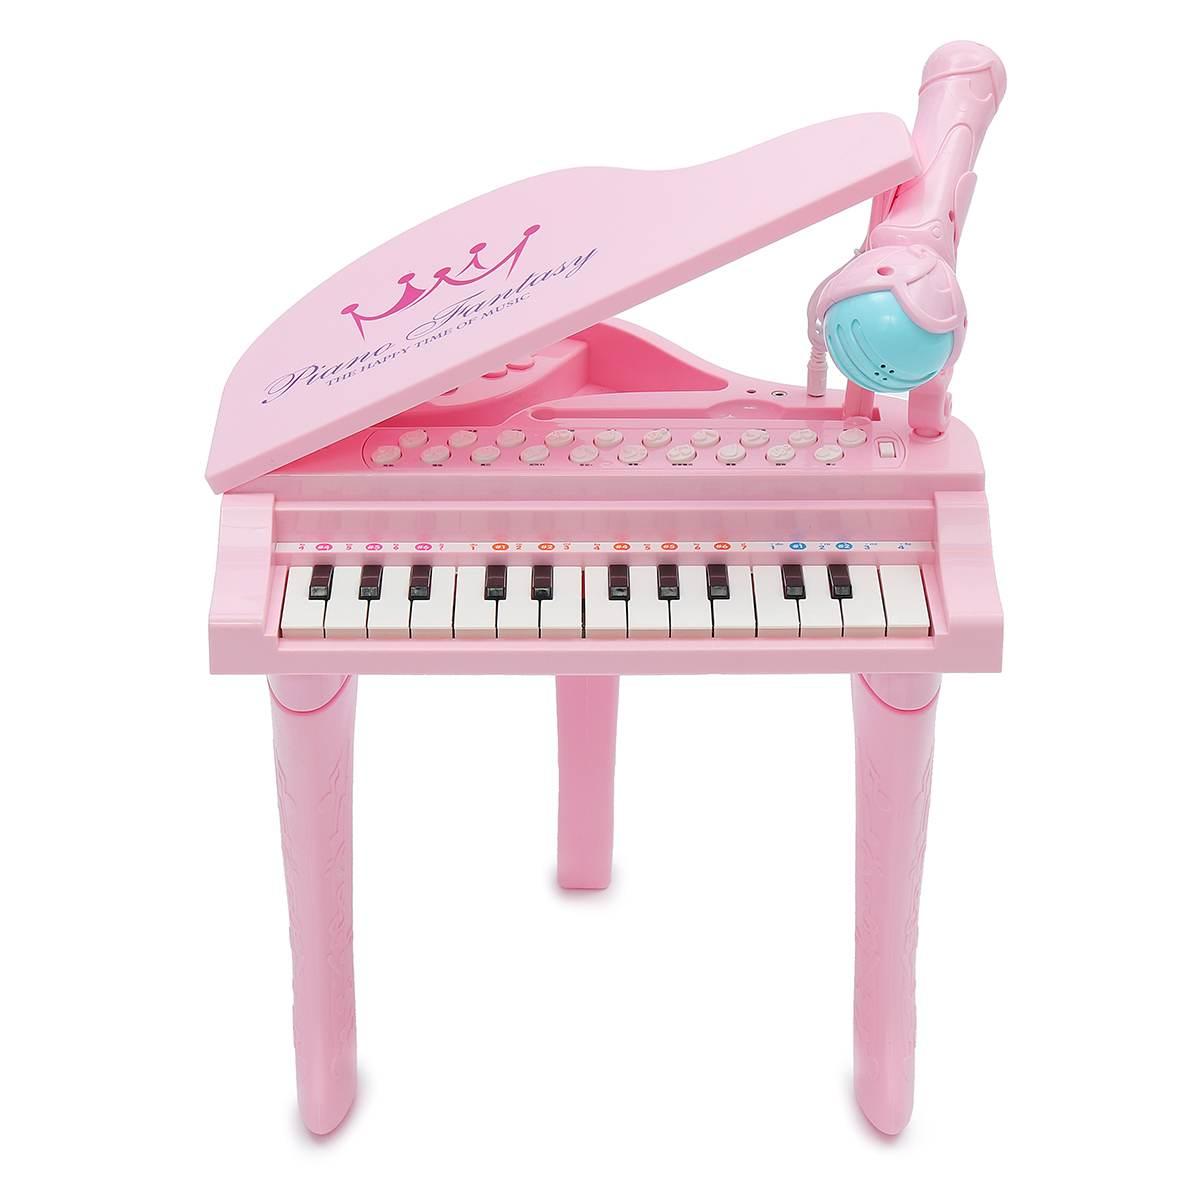 Électronique 25 touches clavier jouet orgue USB enfants Piano Microphone Instrument de musique jouant jouet ensemble rose/bleu enfants cadeaux